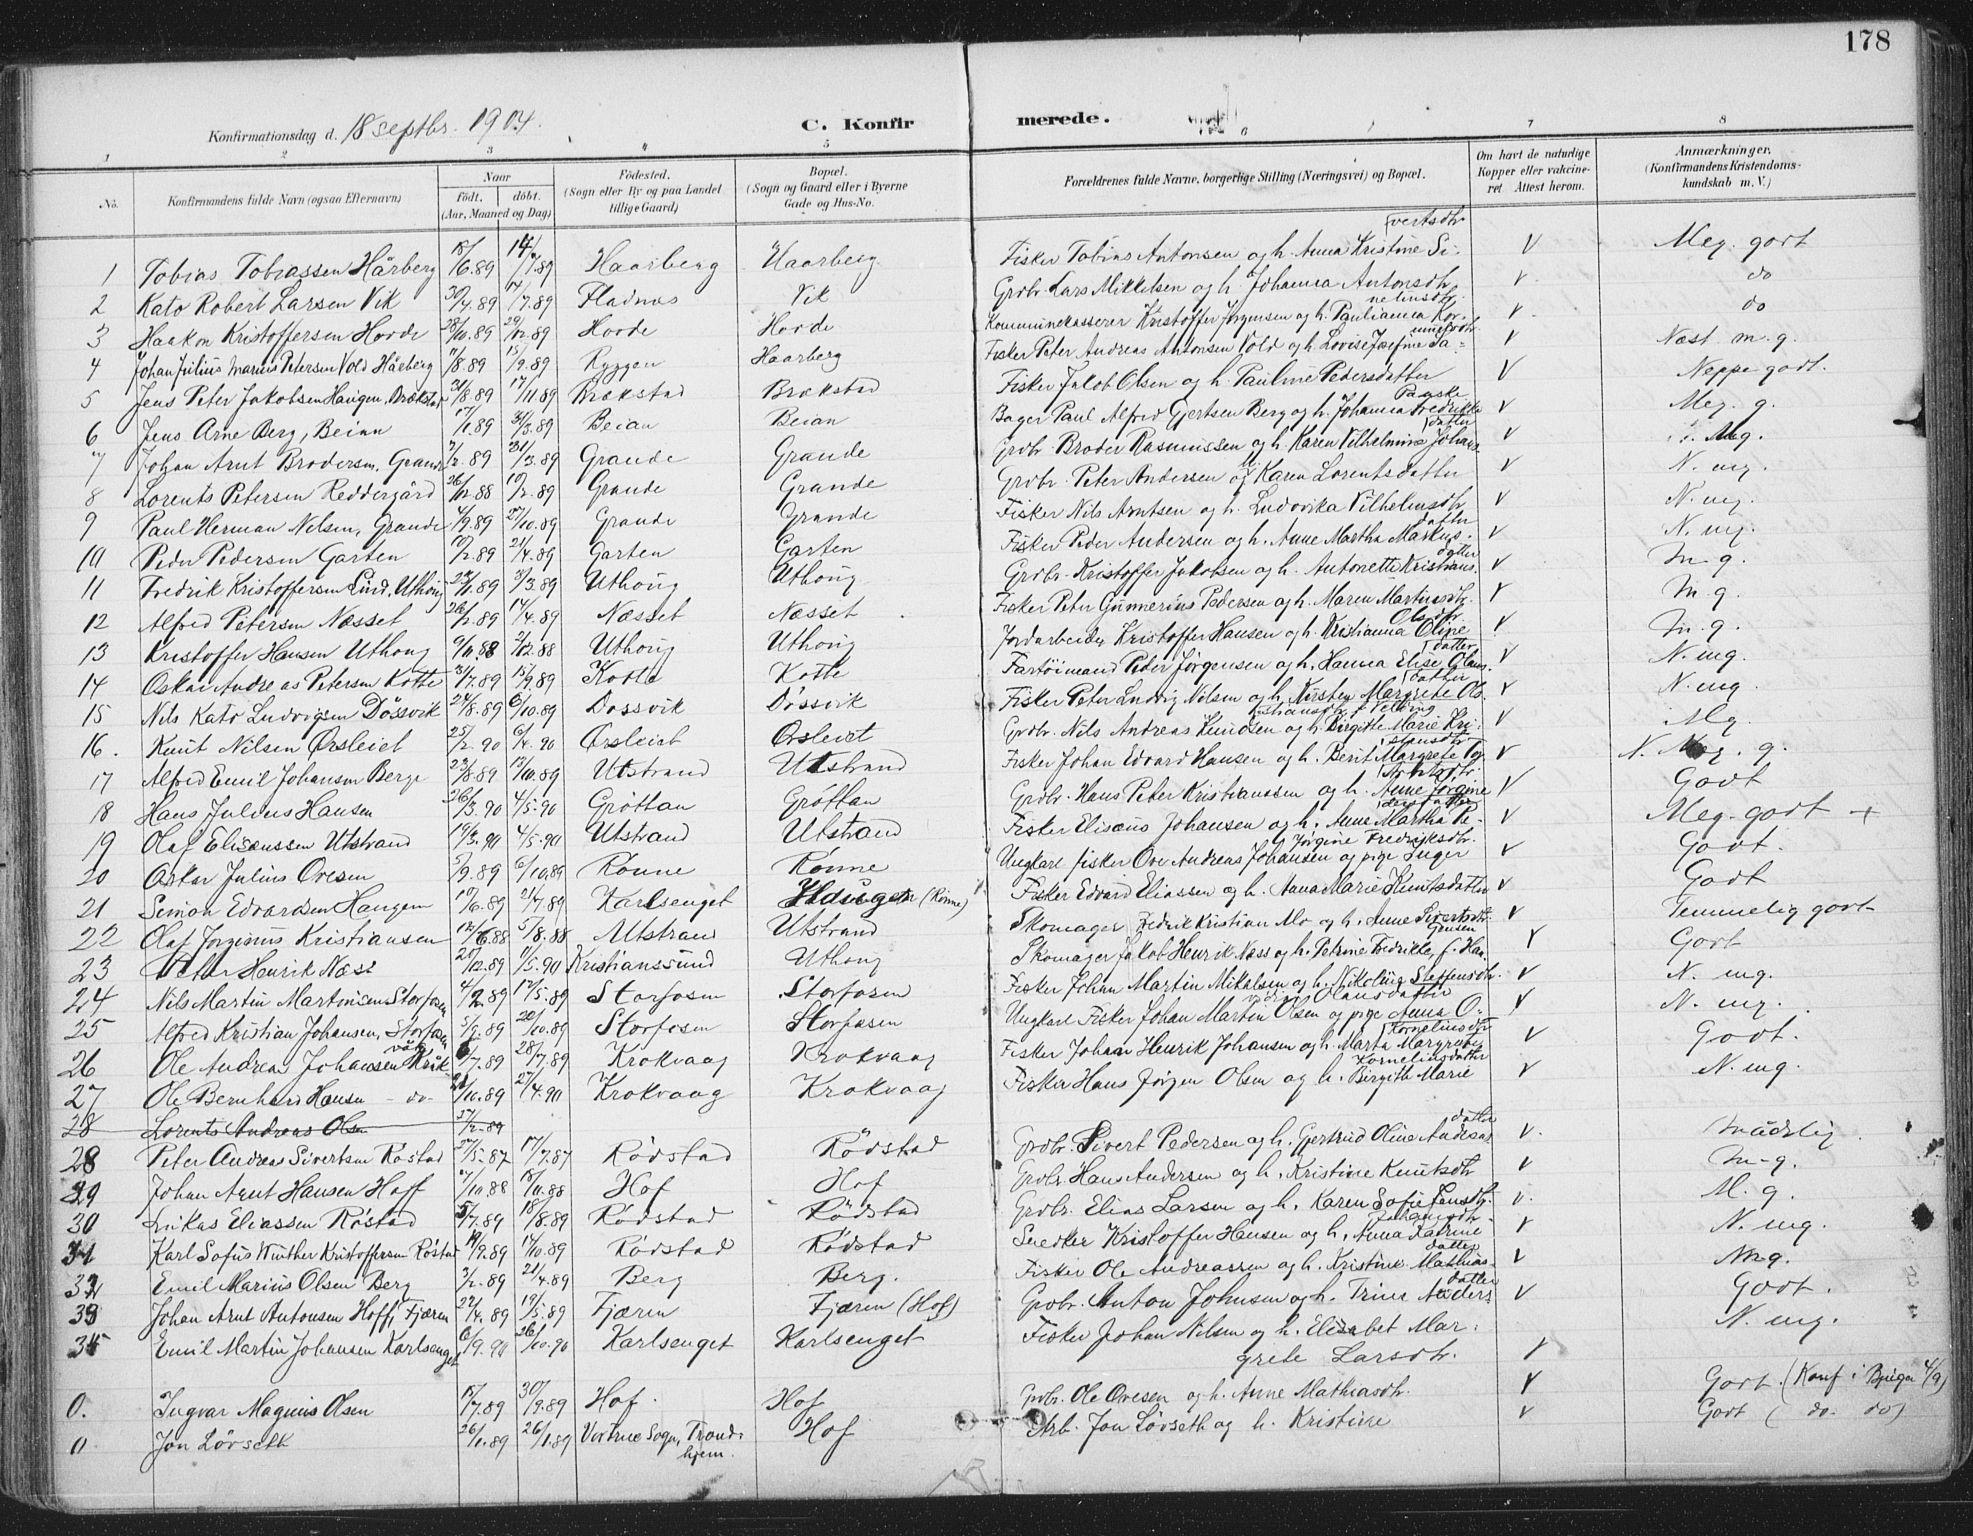 SAT, Ministerialprotokoller, klokkerbøker og fødselsregistre - Sør-Trøndelag, 659/L0743: Ministerialbok nr. 659A13, 1893-1910, s. 178